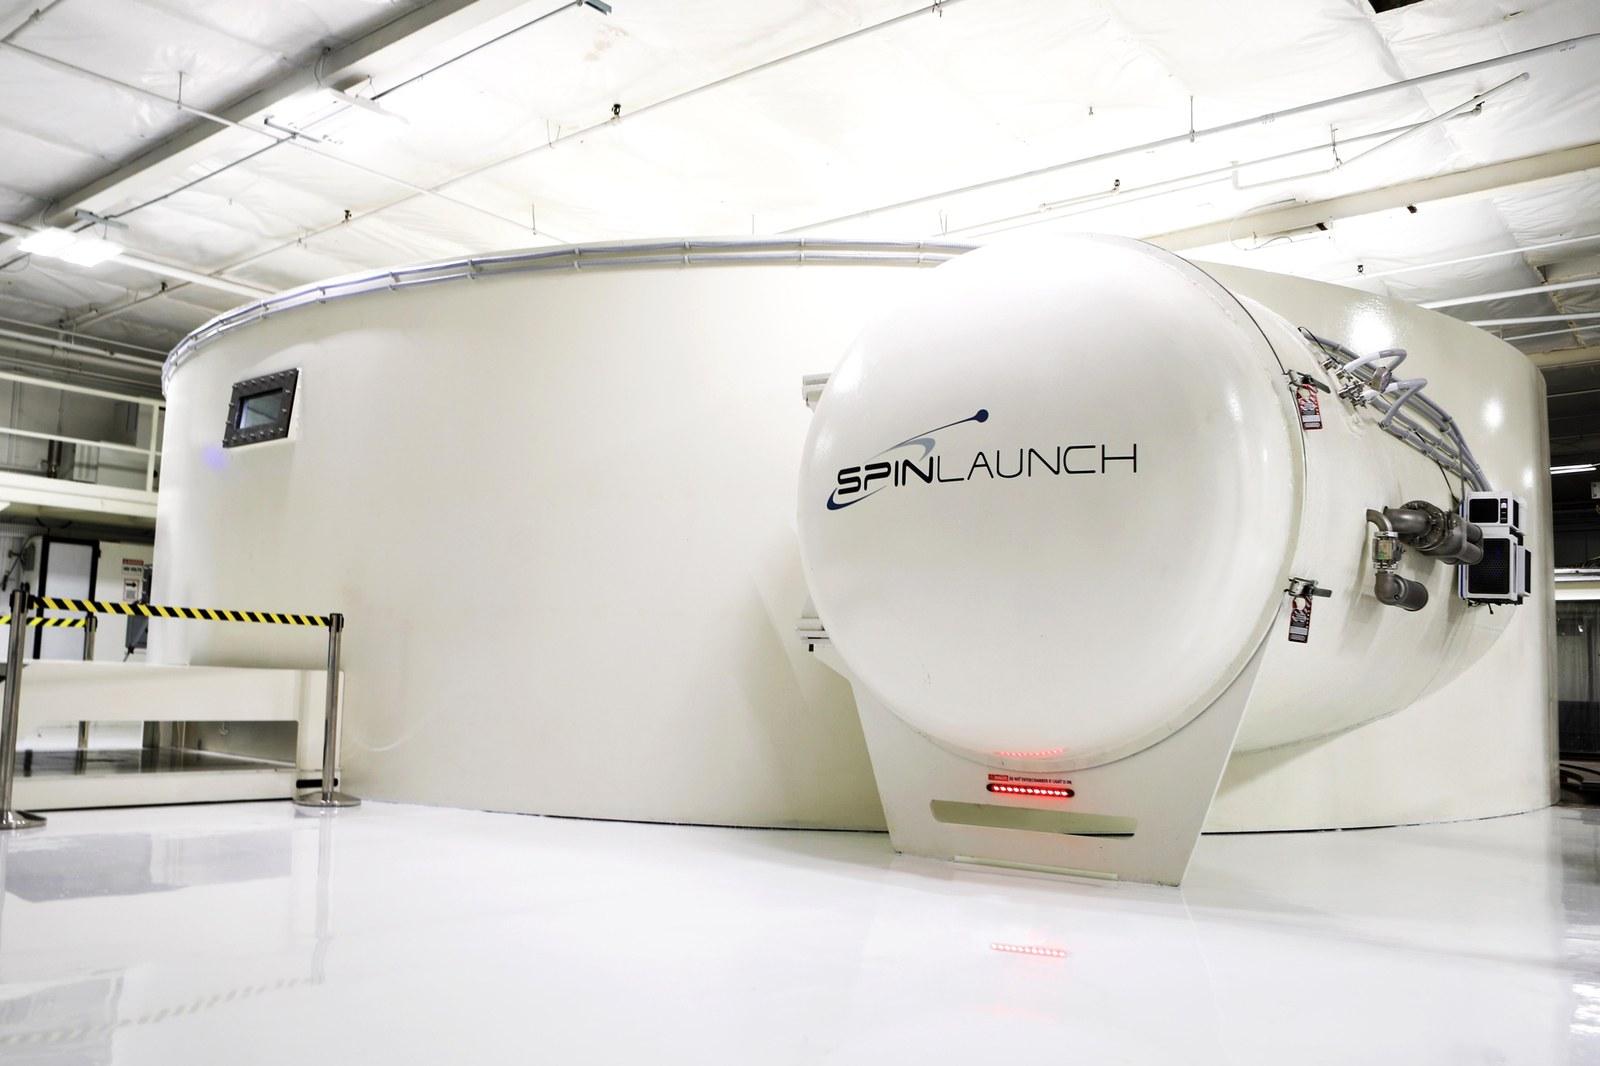 Подробно о SpinLaunch — самом ревностно хранимом секрете в космической индустрии - 3